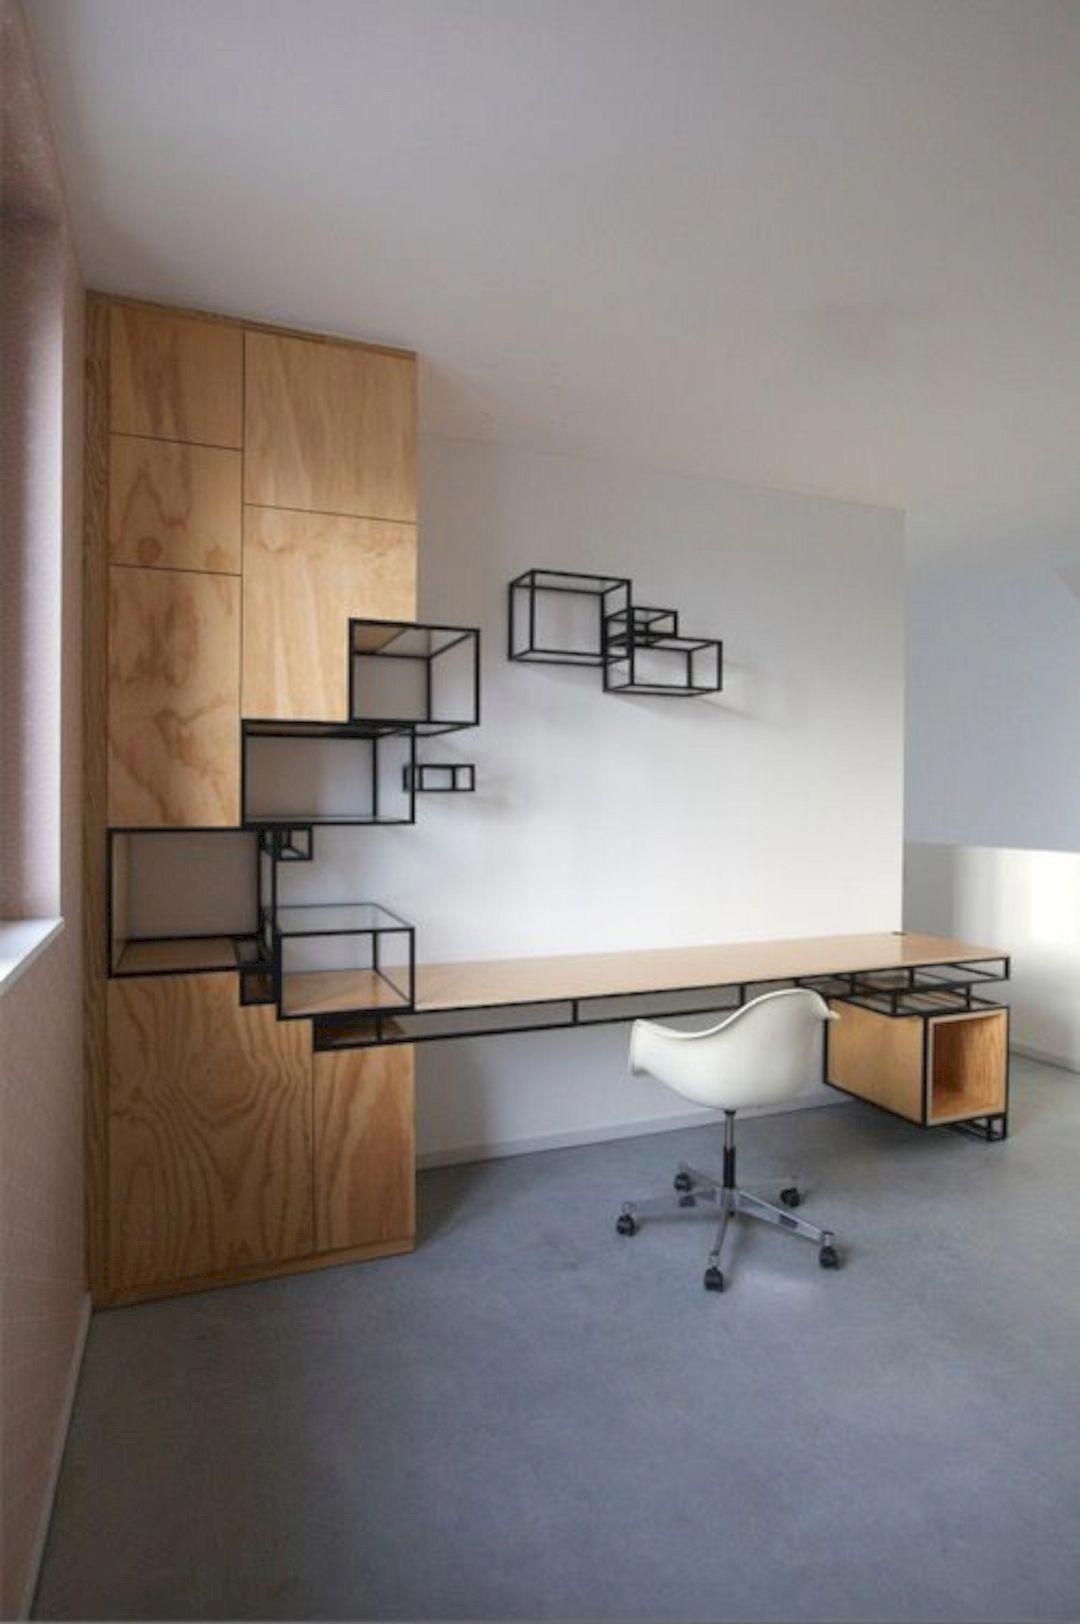 Diyfurnitureupcycle Mobilier Bureau Idees De Meubles Amenagement Maison